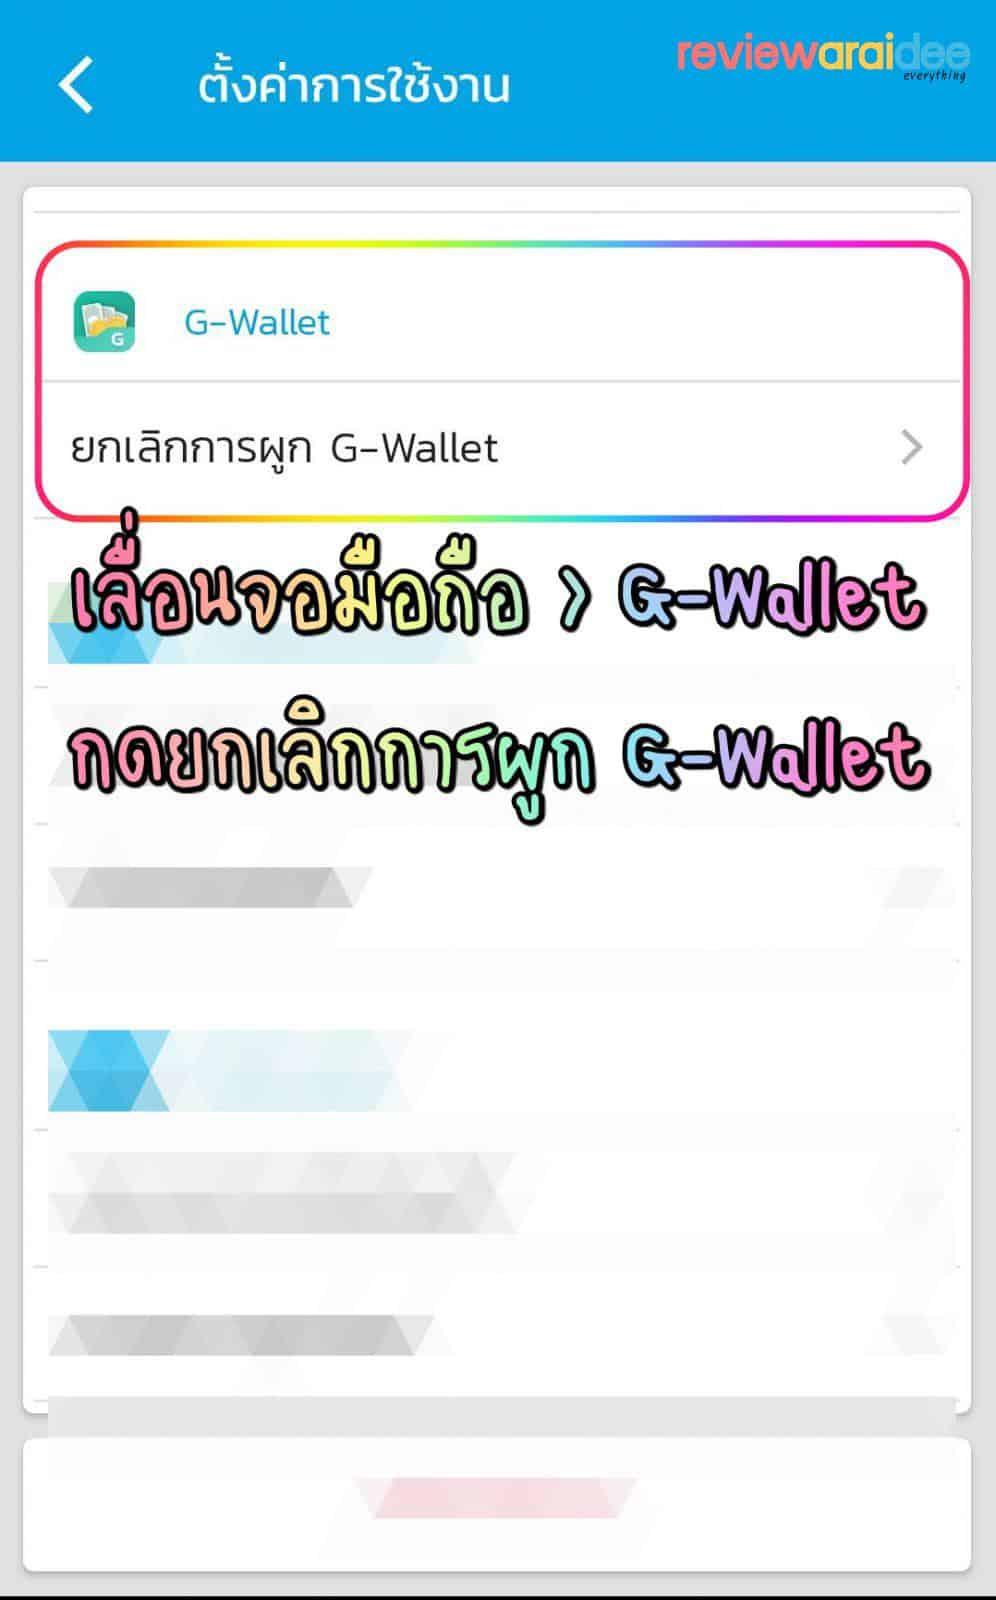 ขั้นตอนยกเลิก g-wallet ยกเลิกการผูก g-wallet ทำไงบ้าง ?